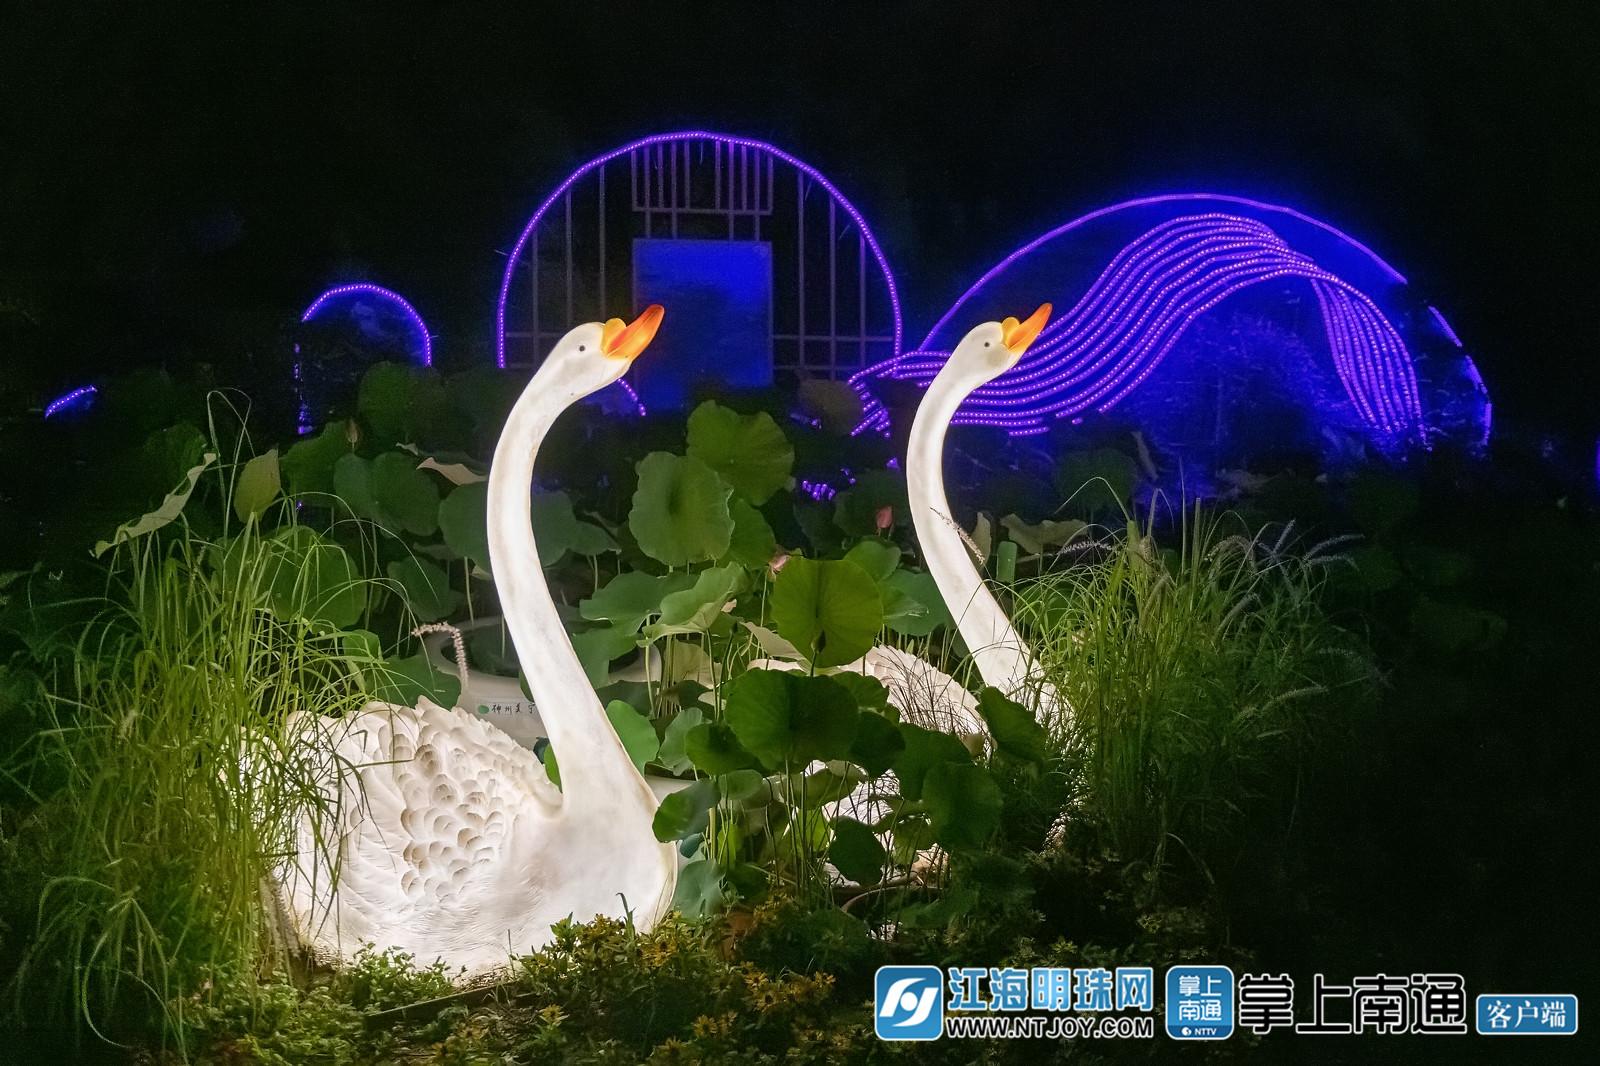 近日,夜晚的南通植物园华灯璀璨,各种造型的灯组五彩斑斓,美轮美奂,成了市民消暑纳凉的好去处。穿梭其间,恍如进入时光隧道,来到美丽的童话世界。100种品类的荷花遍布园内,珍贵品种比比皆是,蔚为壮观。(彭常青/摄)